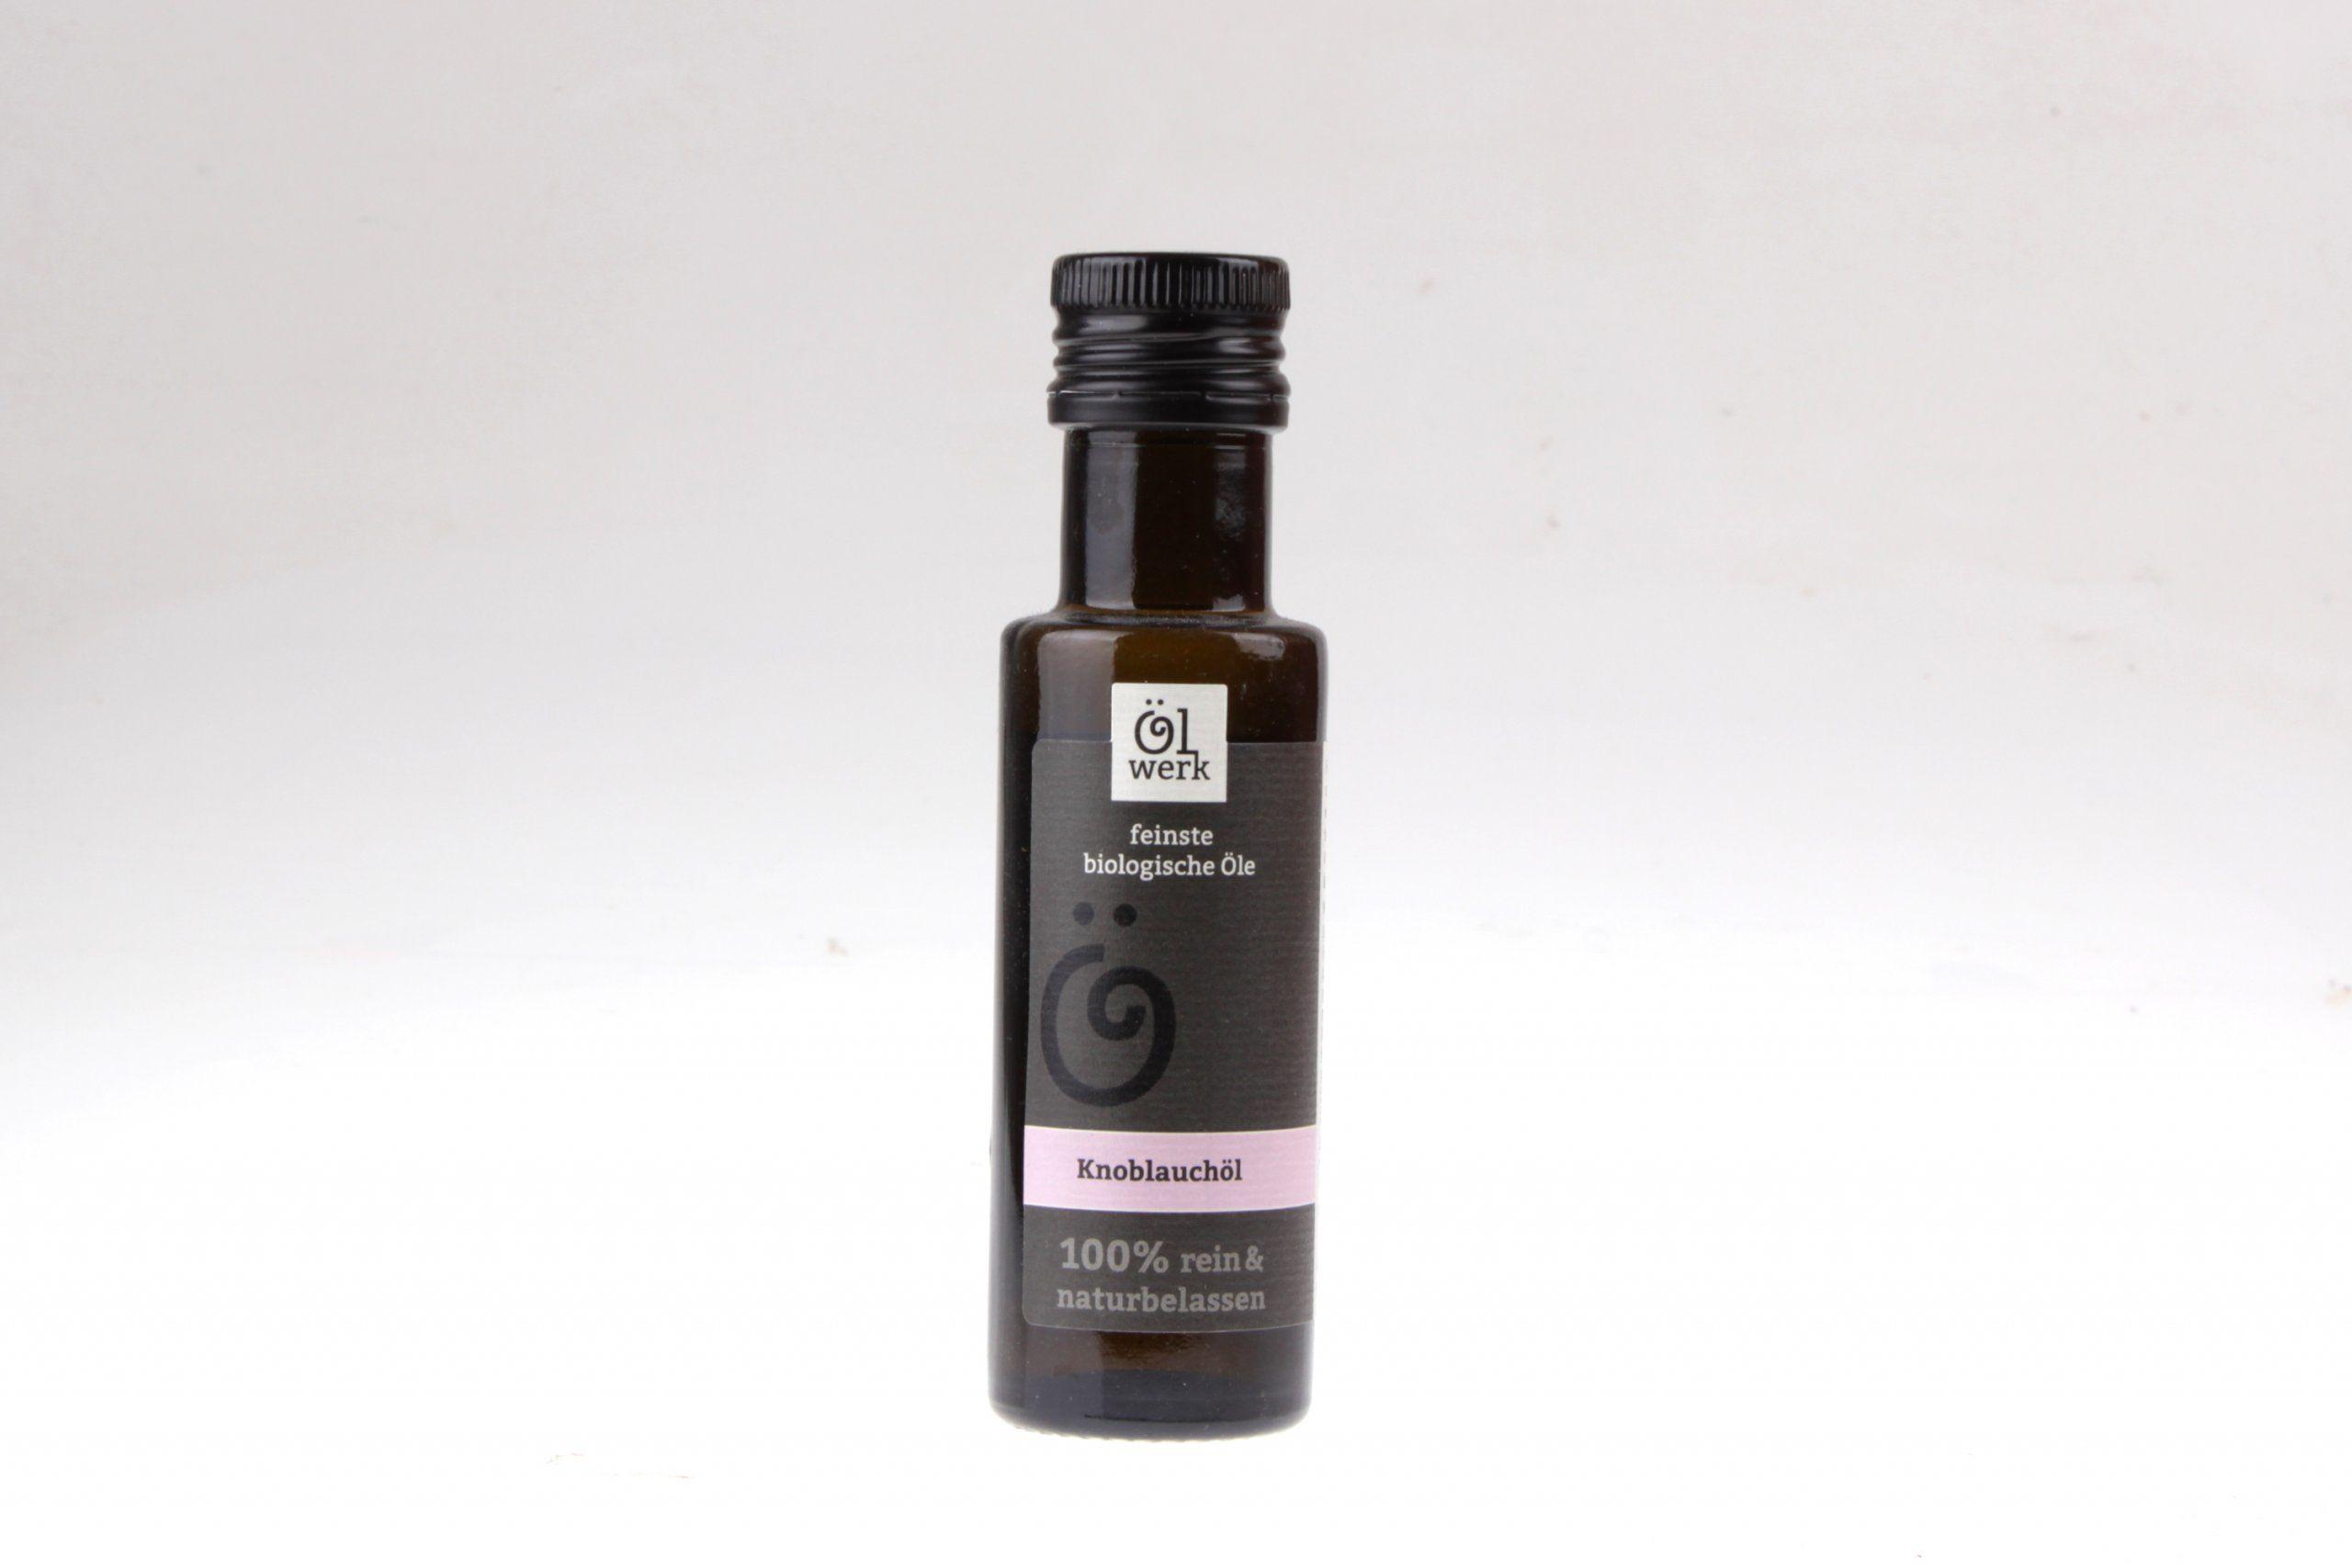 Knoblauch Bio-Öl von feinjemacht